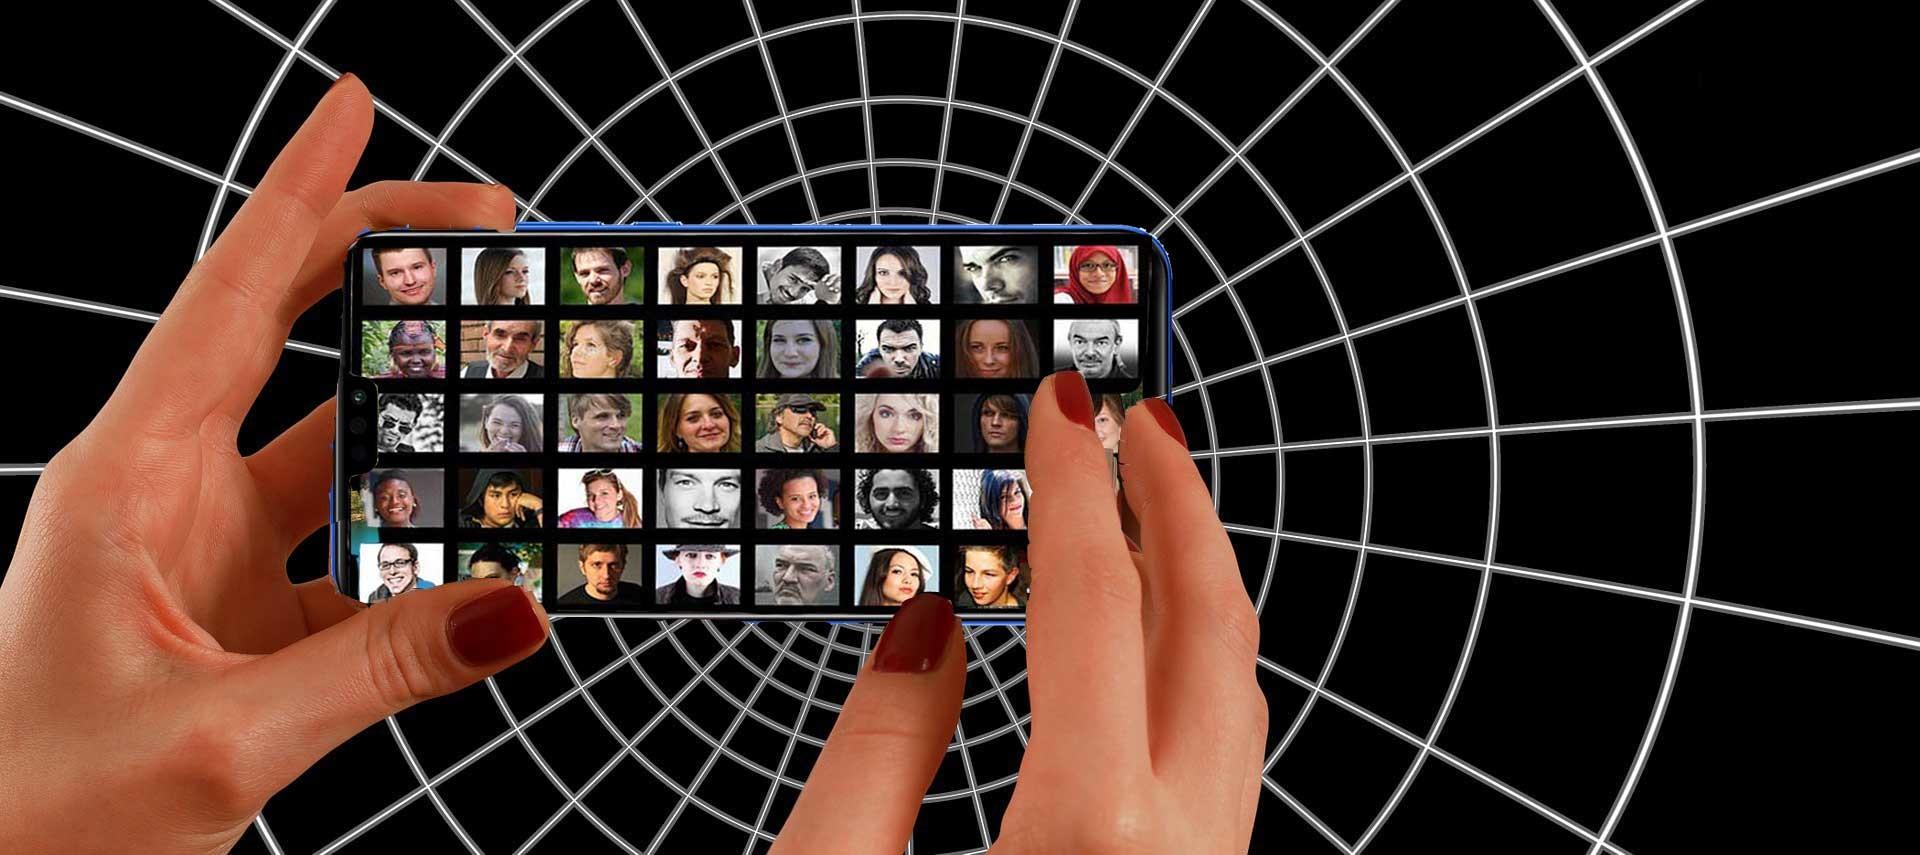 Cómo se está desplegando la realidad aumentada por las redes sociales y para qué te sirve